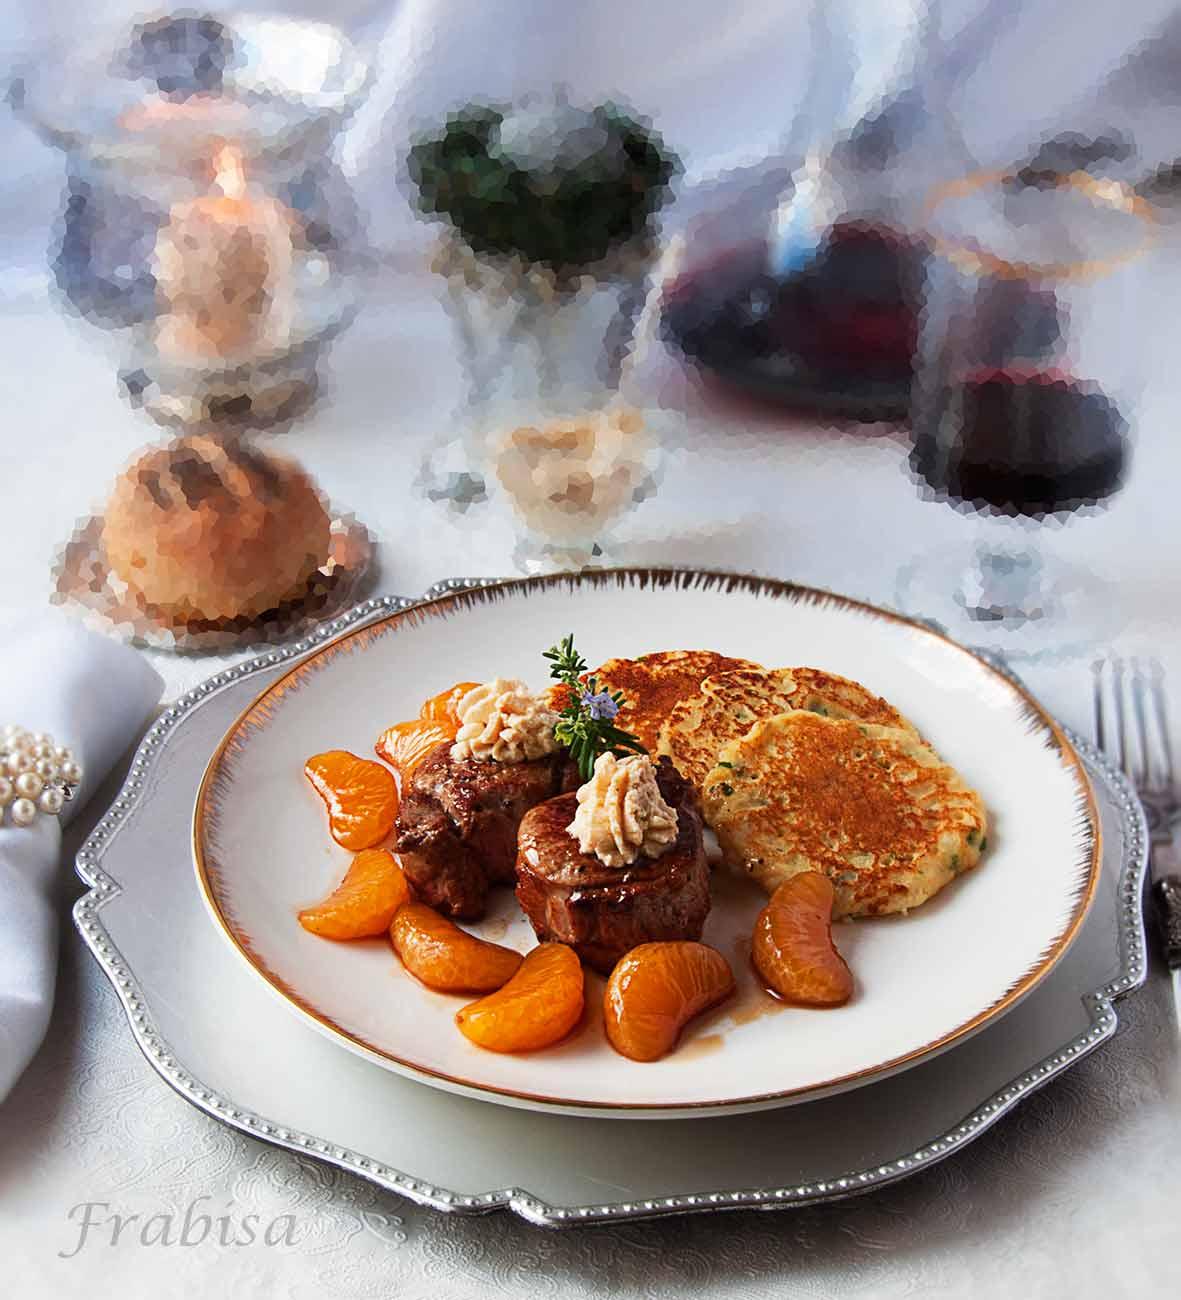 Solomillo-mandarinas-roquefort-Frabisa-1